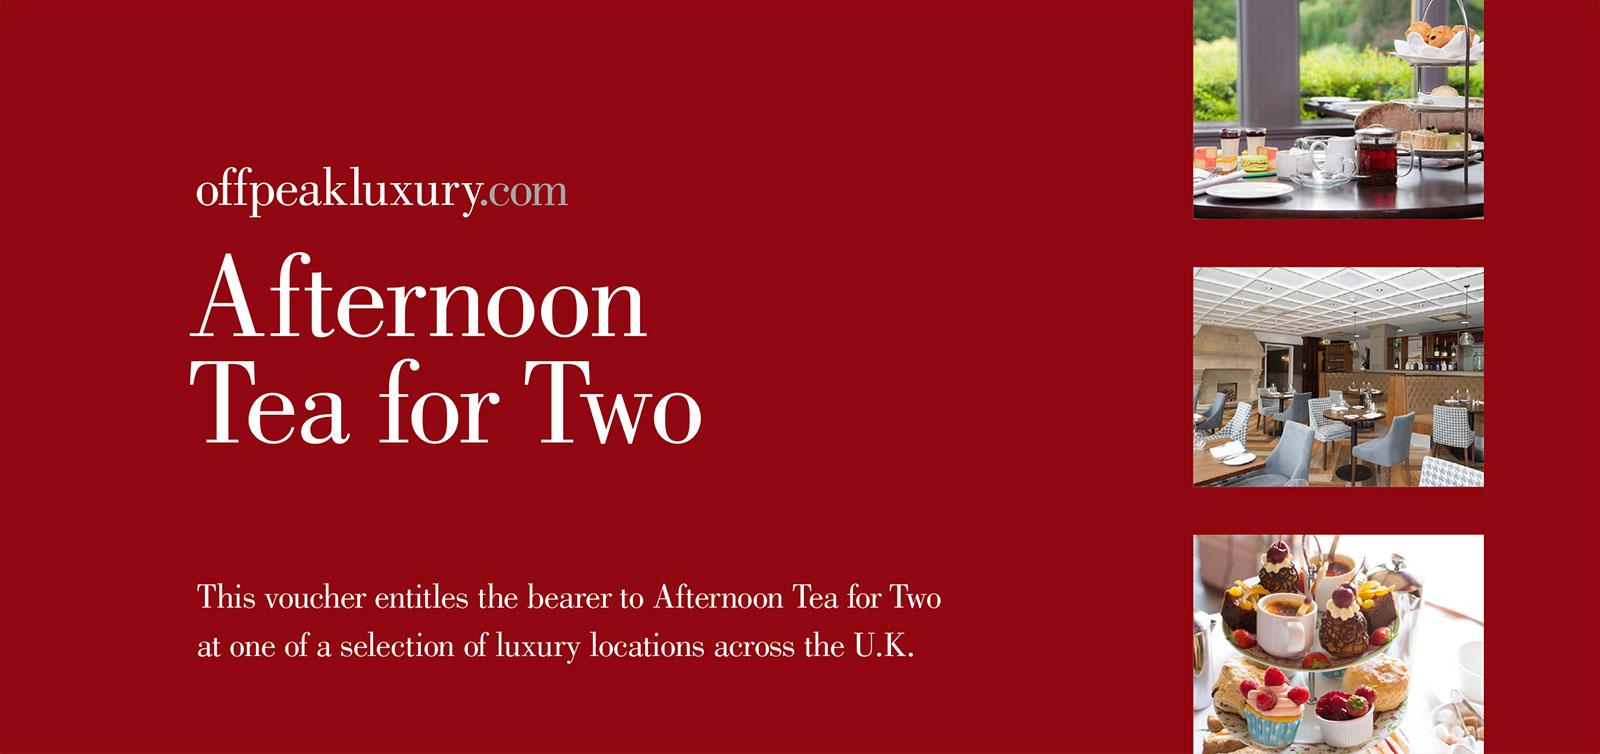 Buy Luxury Afternoon Tea Voucher Online With Offpeakluxury